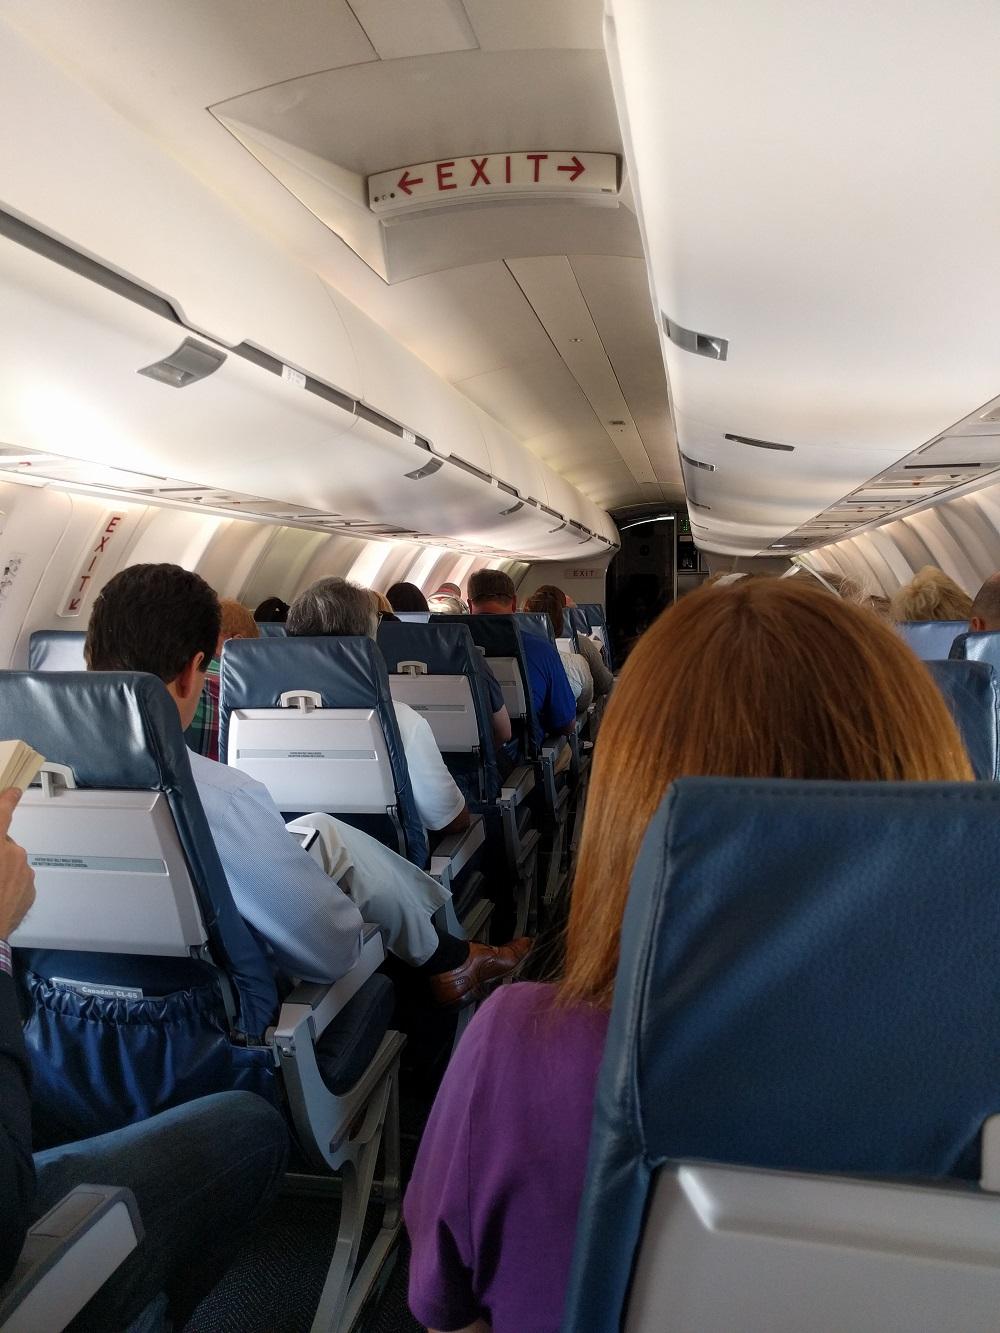 neko random photos our first plane trip together